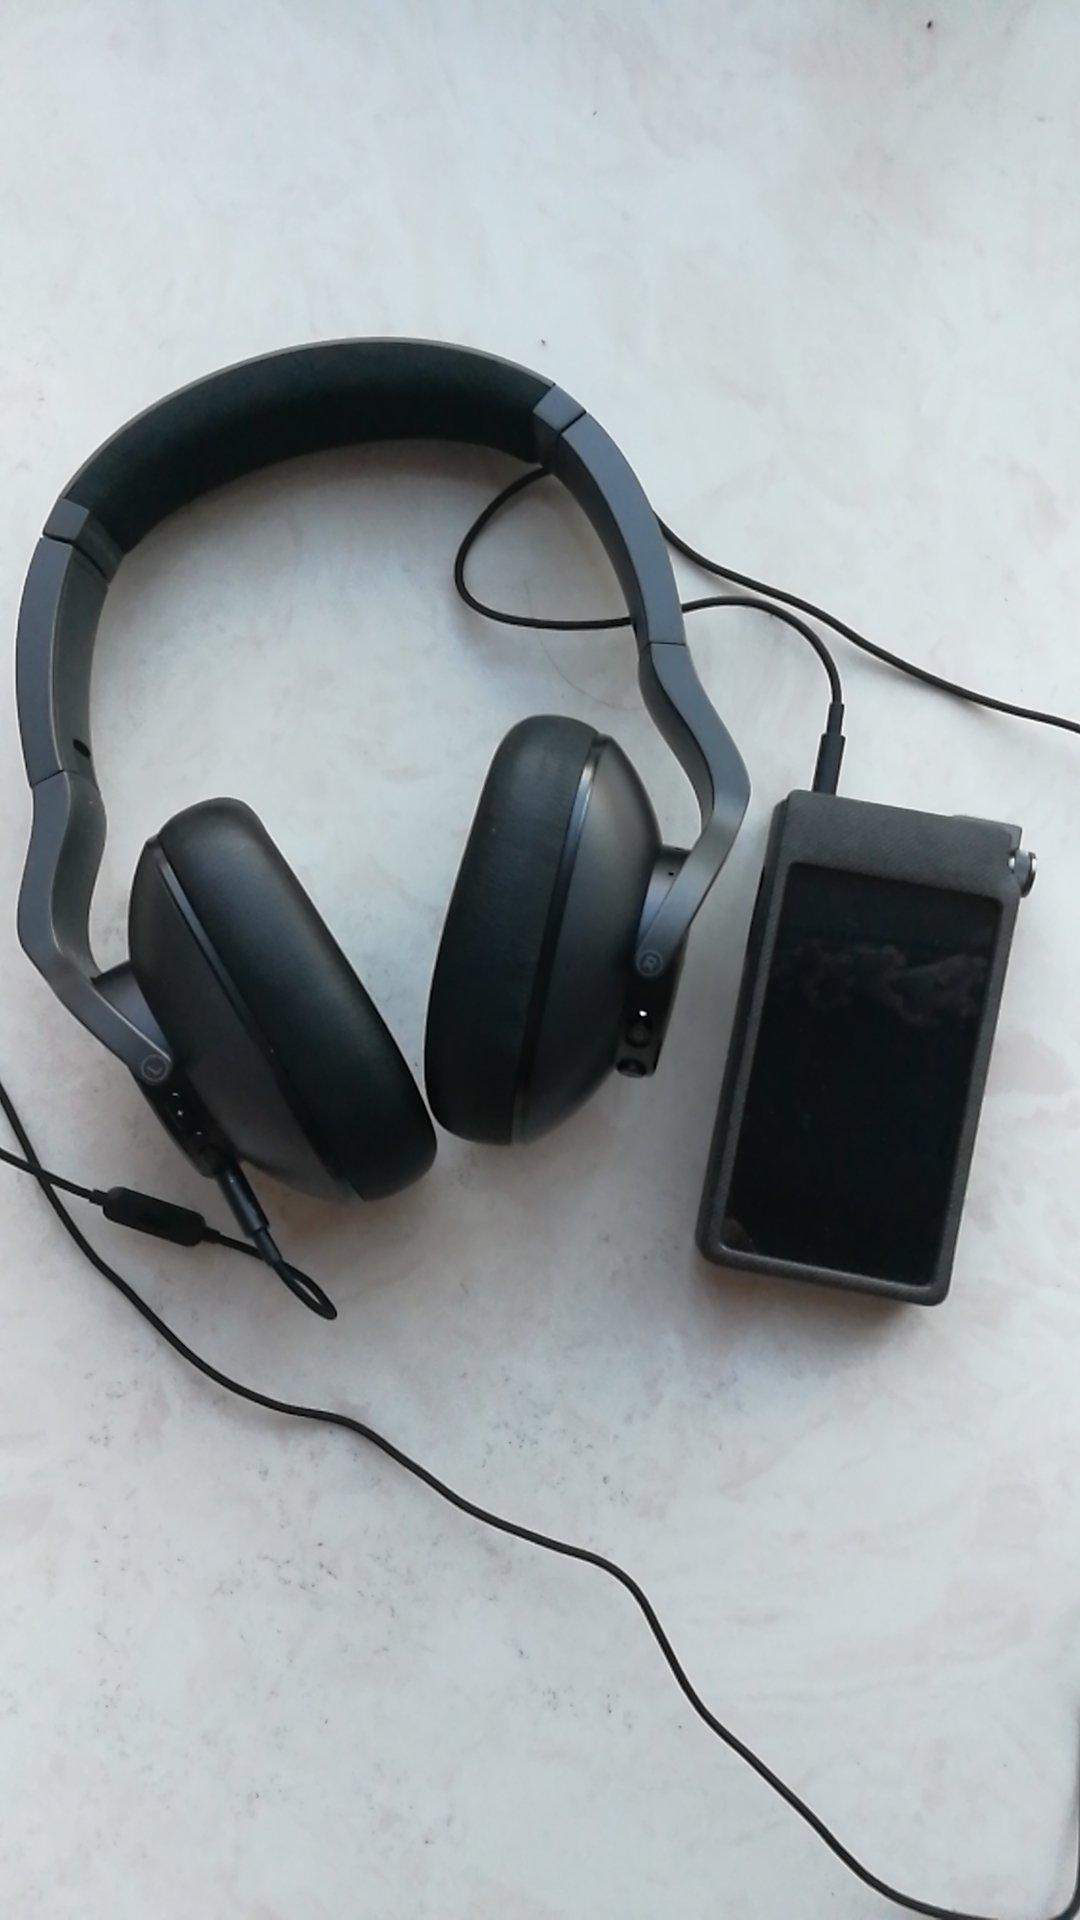 AKG主动降噪无线蓝牙耳机,还有非常优秀音质